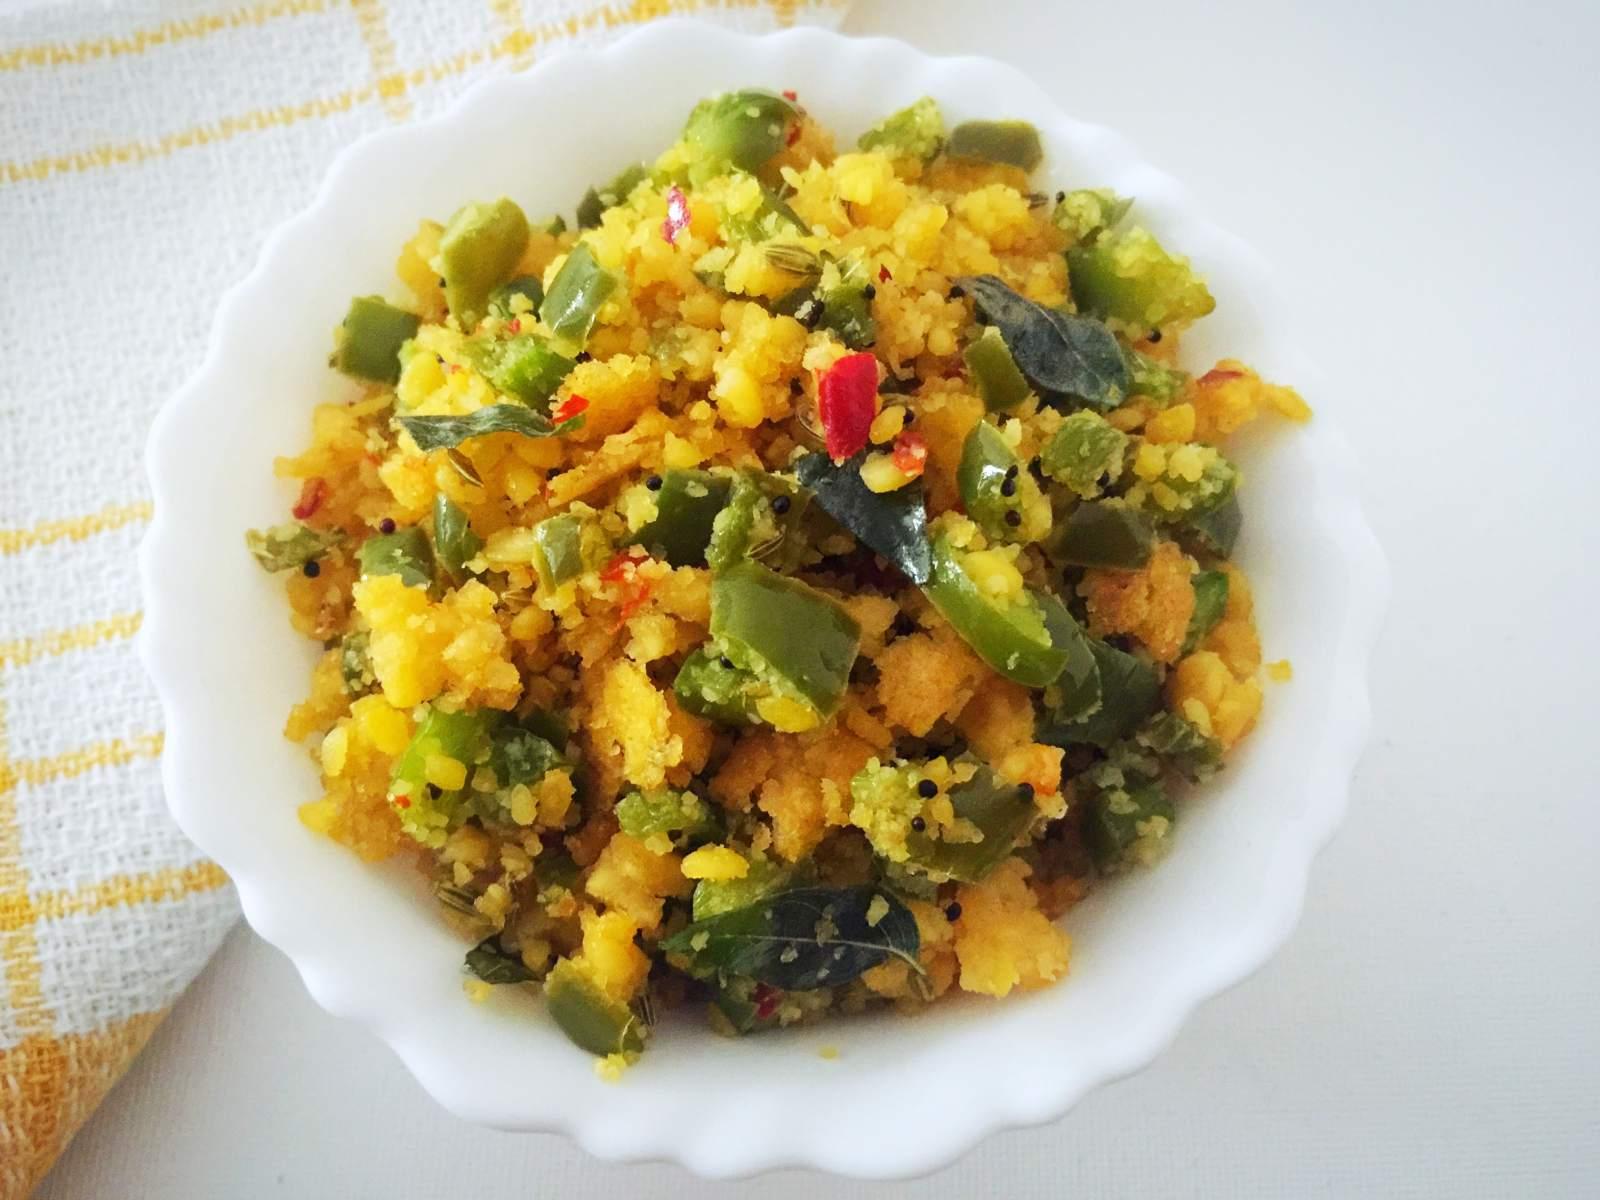 Capsicum usili recipe tamil nadu style capsicum cooked with capsicum usili recipe tamil nadu style capsicum cooked with lentils spice mix forumfinder Images